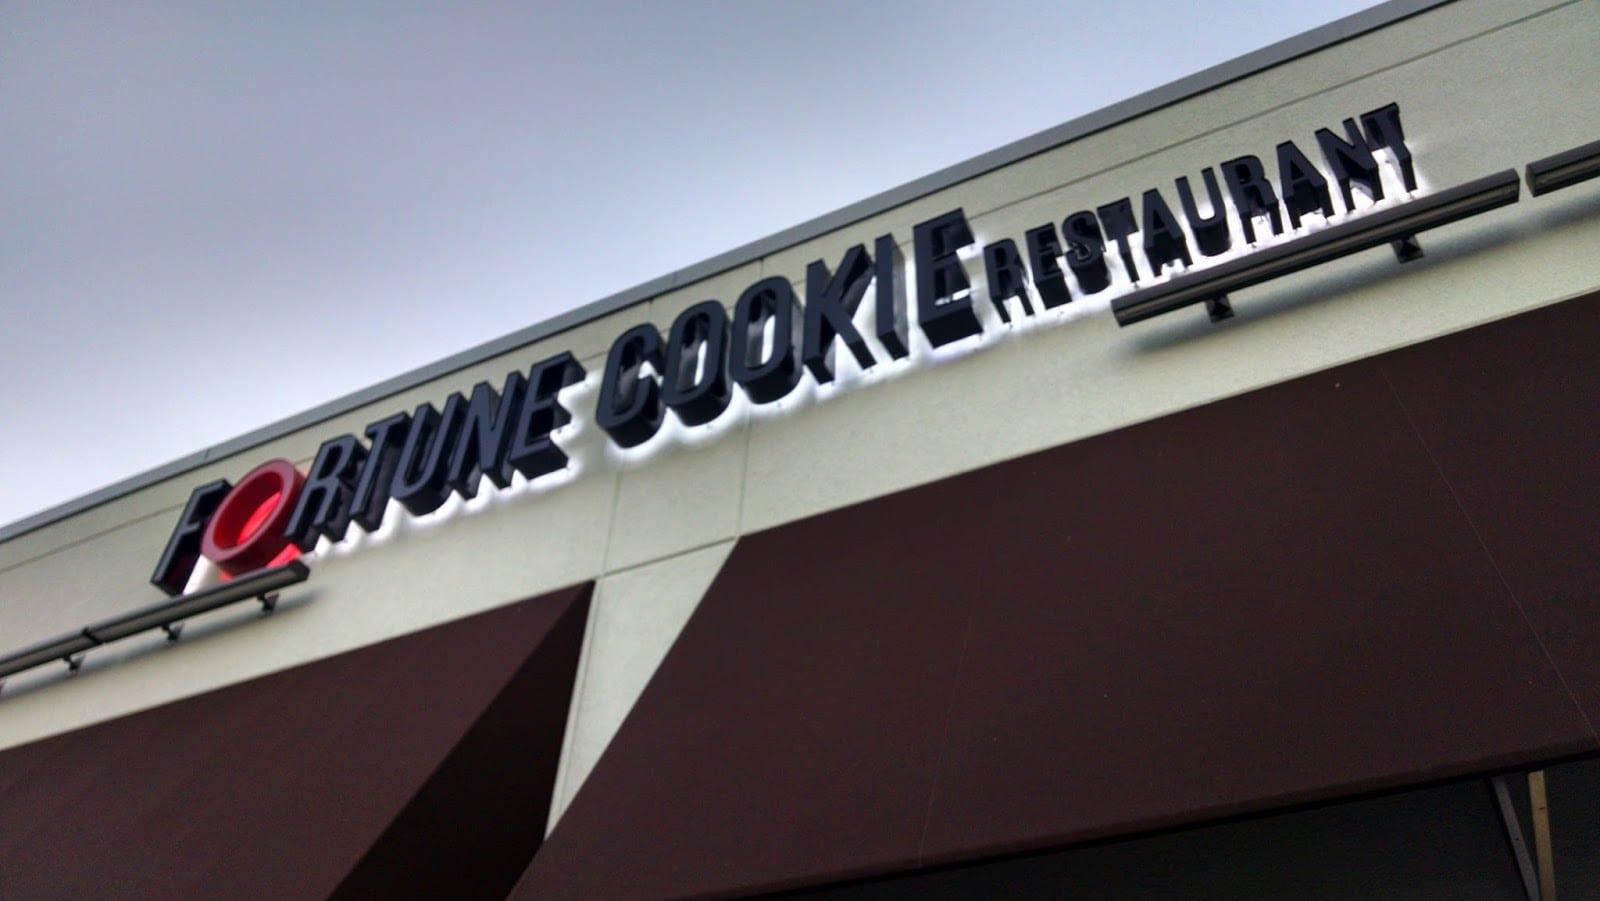 Fortune Cookie Restaurant